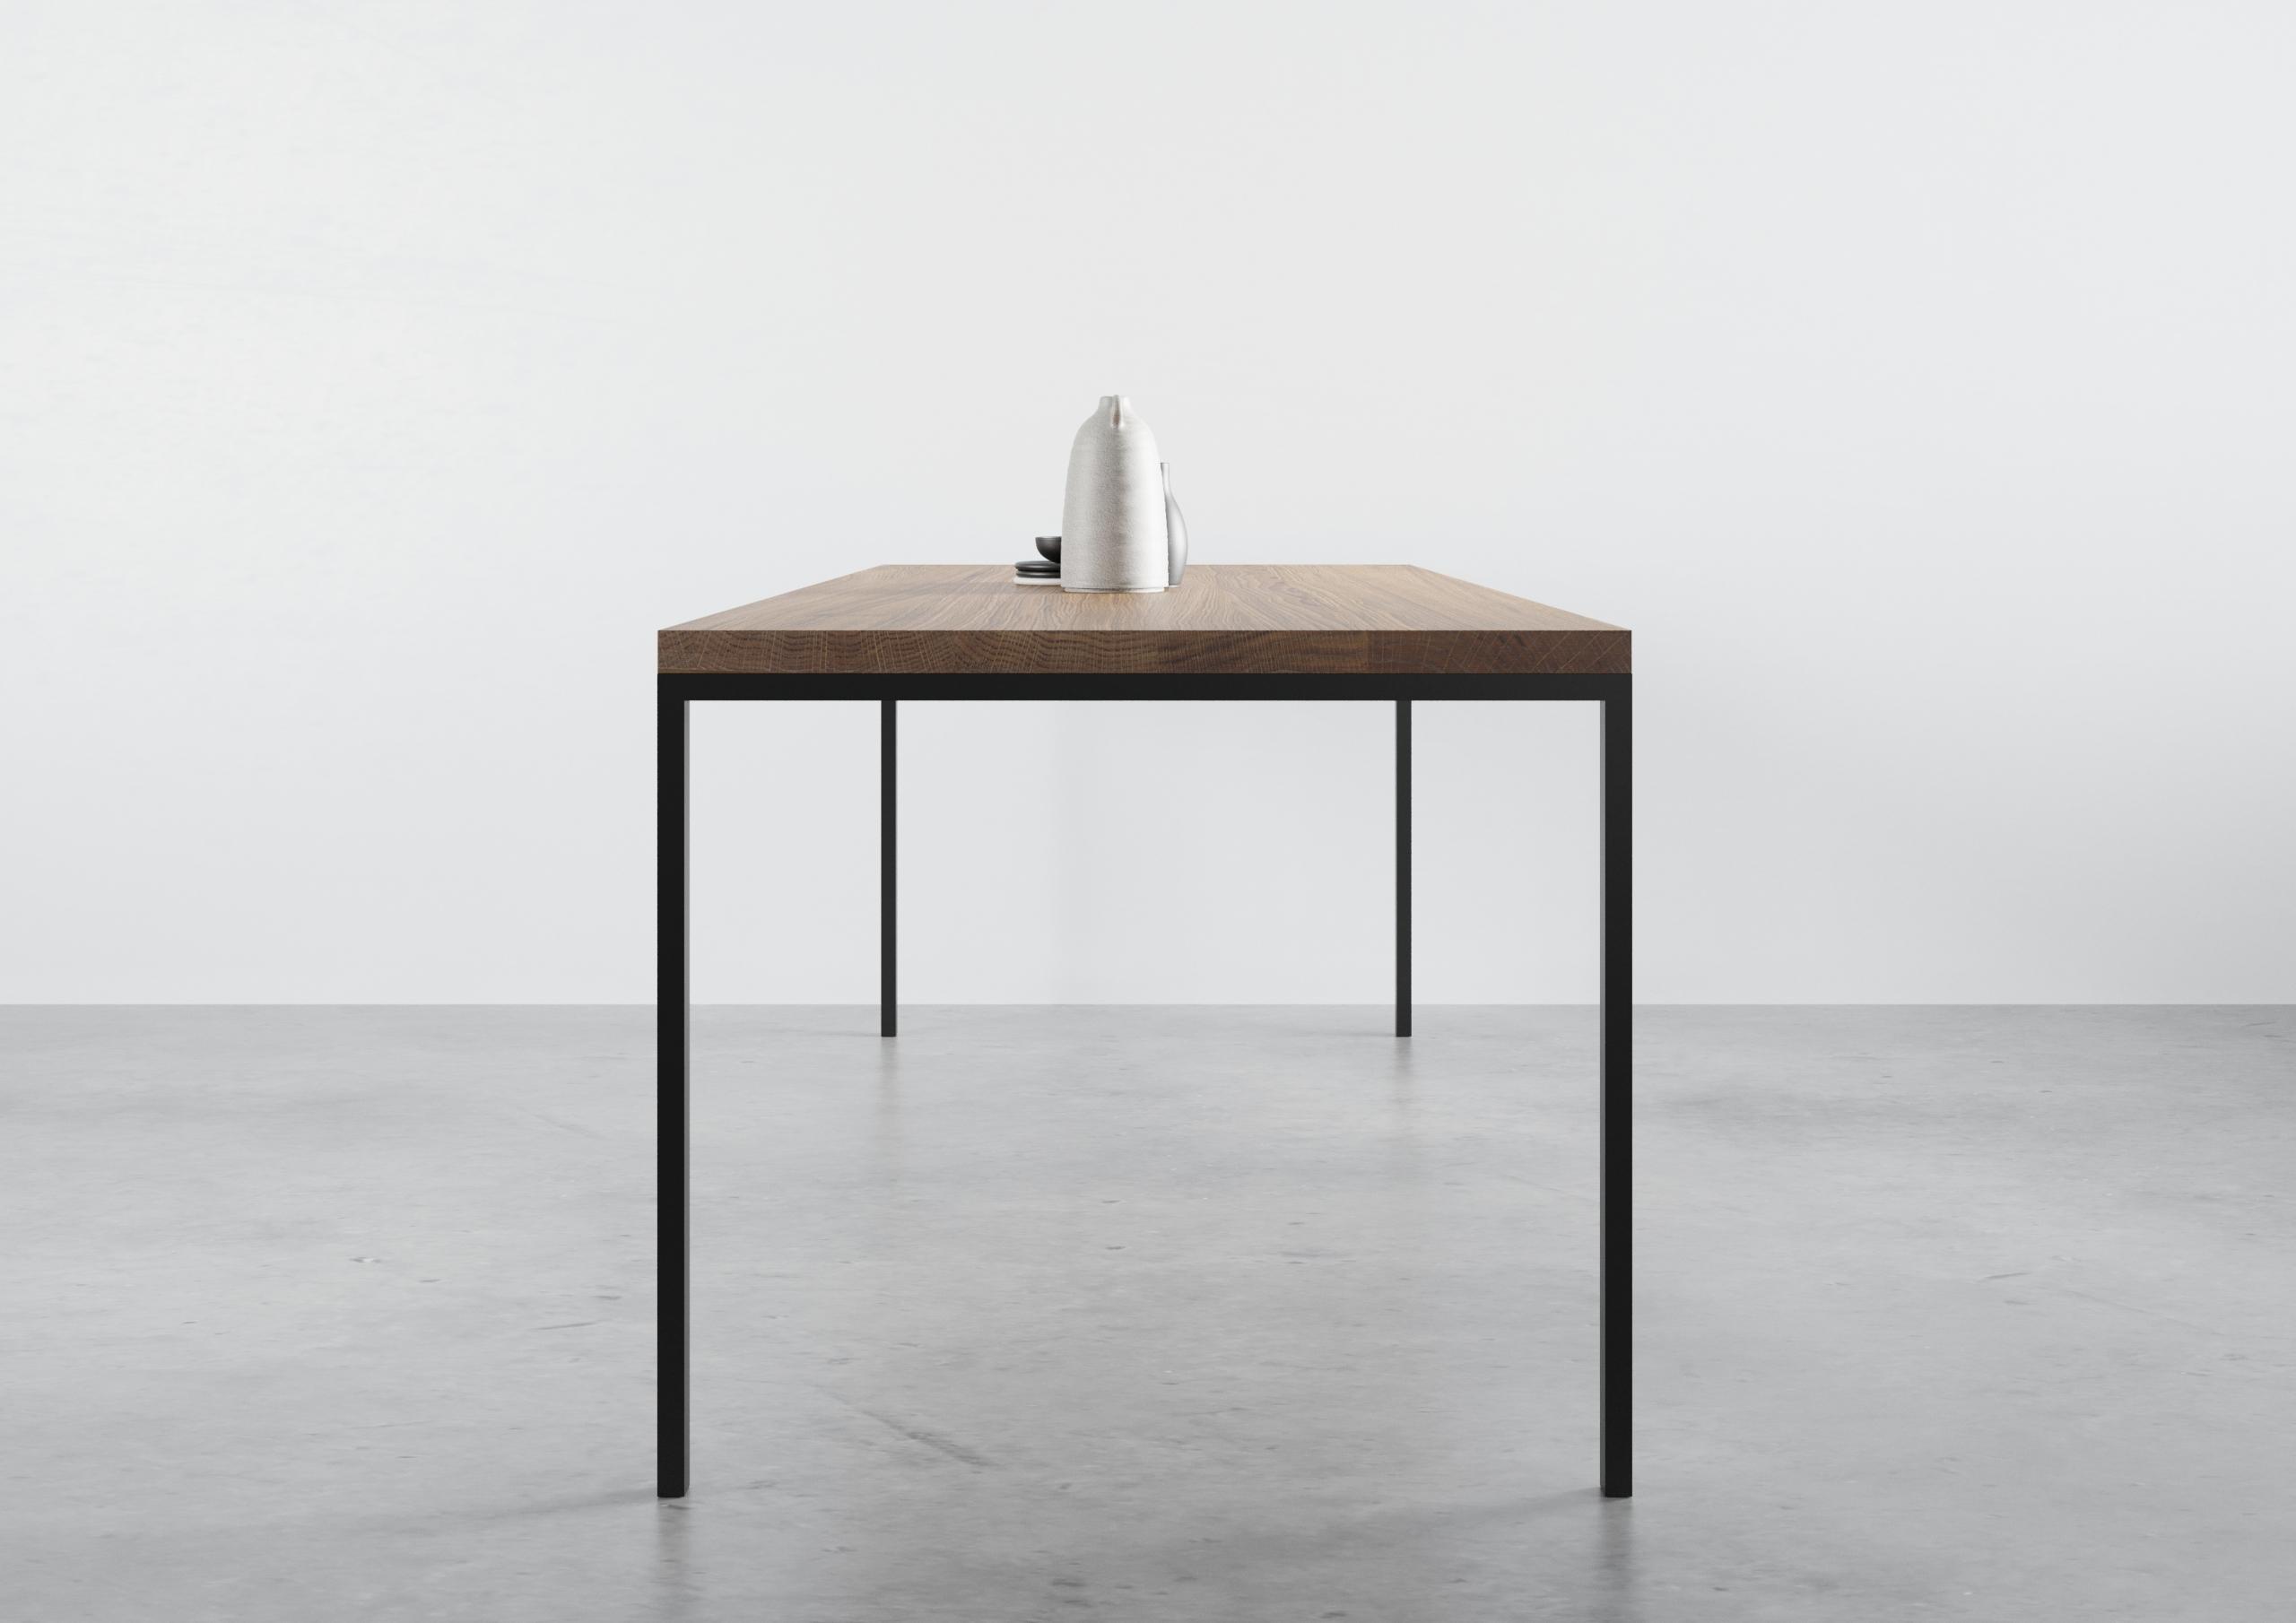 ST 14, stół dębowy do jadalni, producent stołów, prosty stół do jadalny, funkcjonalny stół do jadalni, stół do jadalni, prosta krawędź, rozkładany, stół dębowy, stół, praktyczny na lekkich stalowych nogach